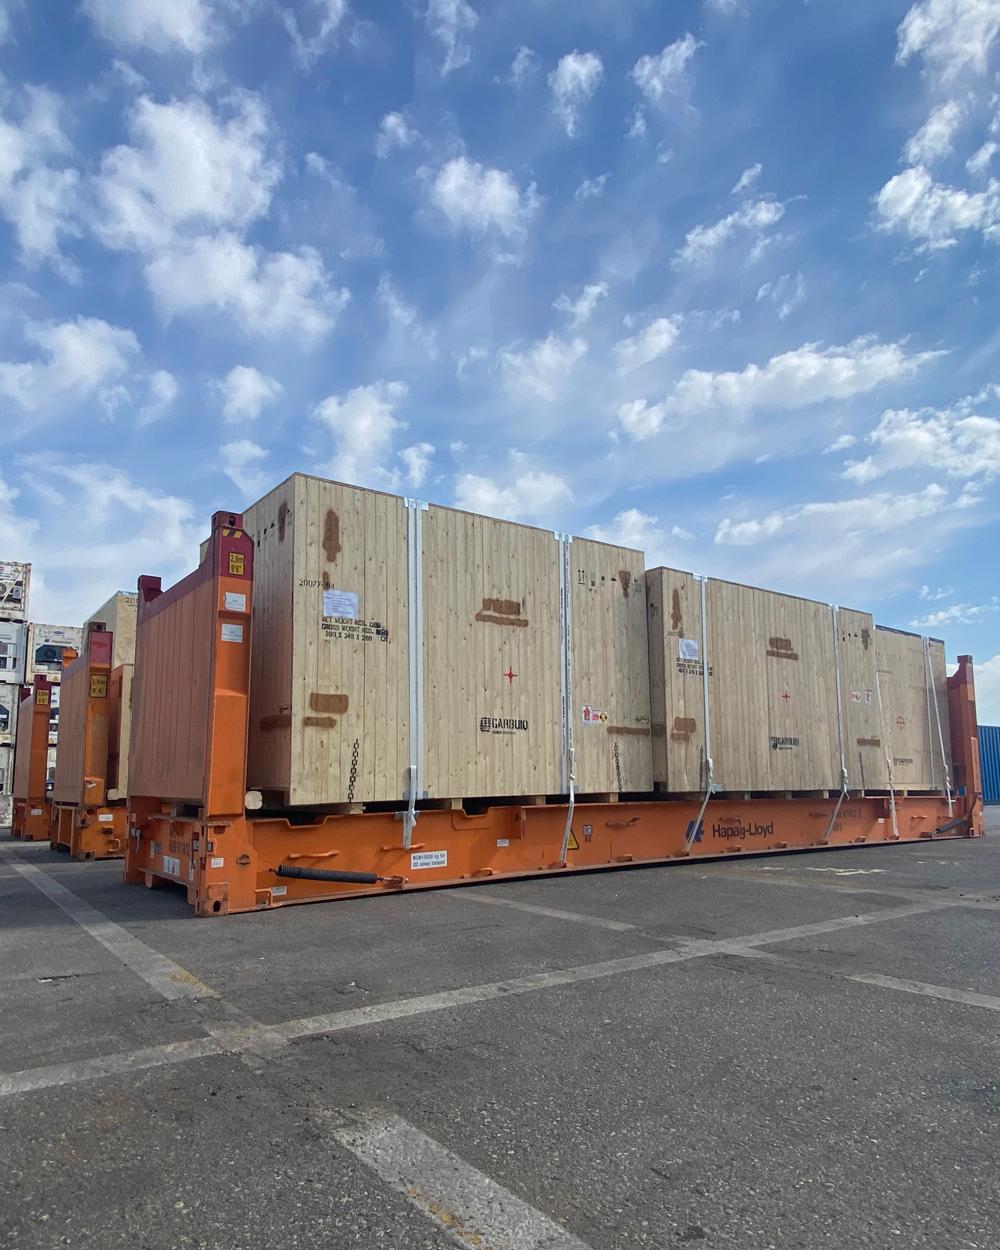 rizzaggio dei container al porto di Venezia